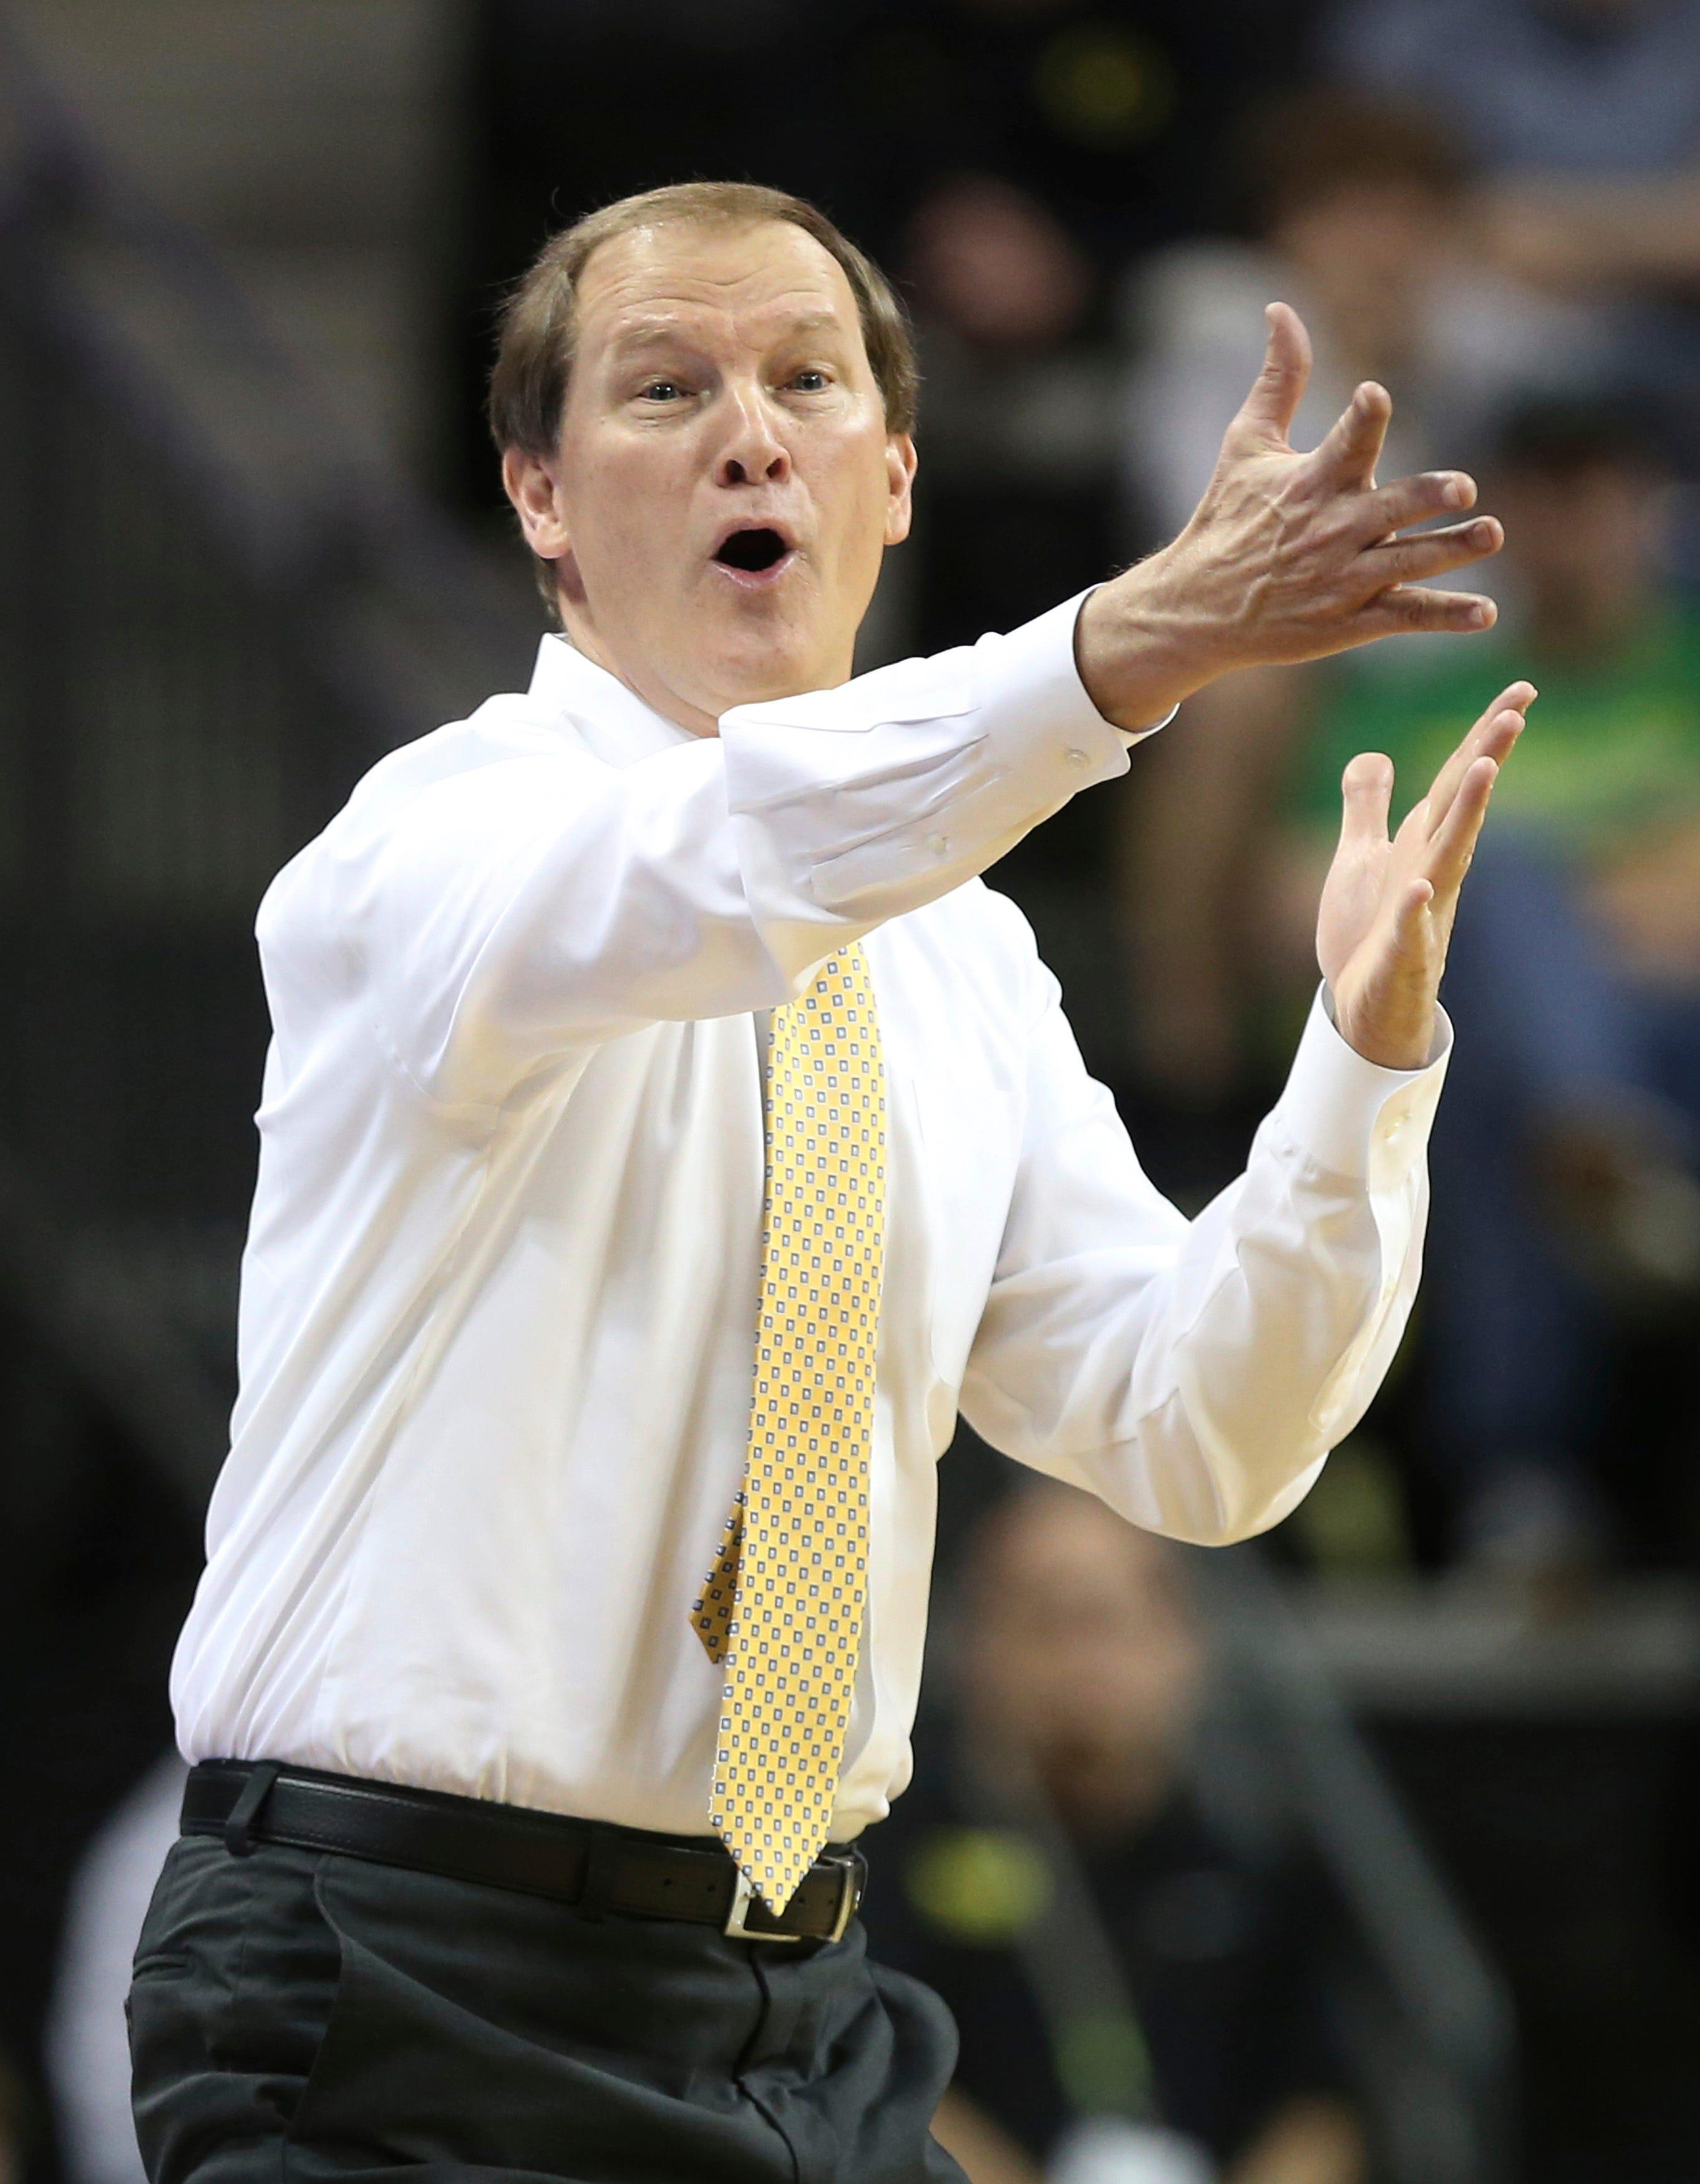 Oregon head basketball coach Dana Altman during an NCAA college basketball game, Nov. 17, 2019.